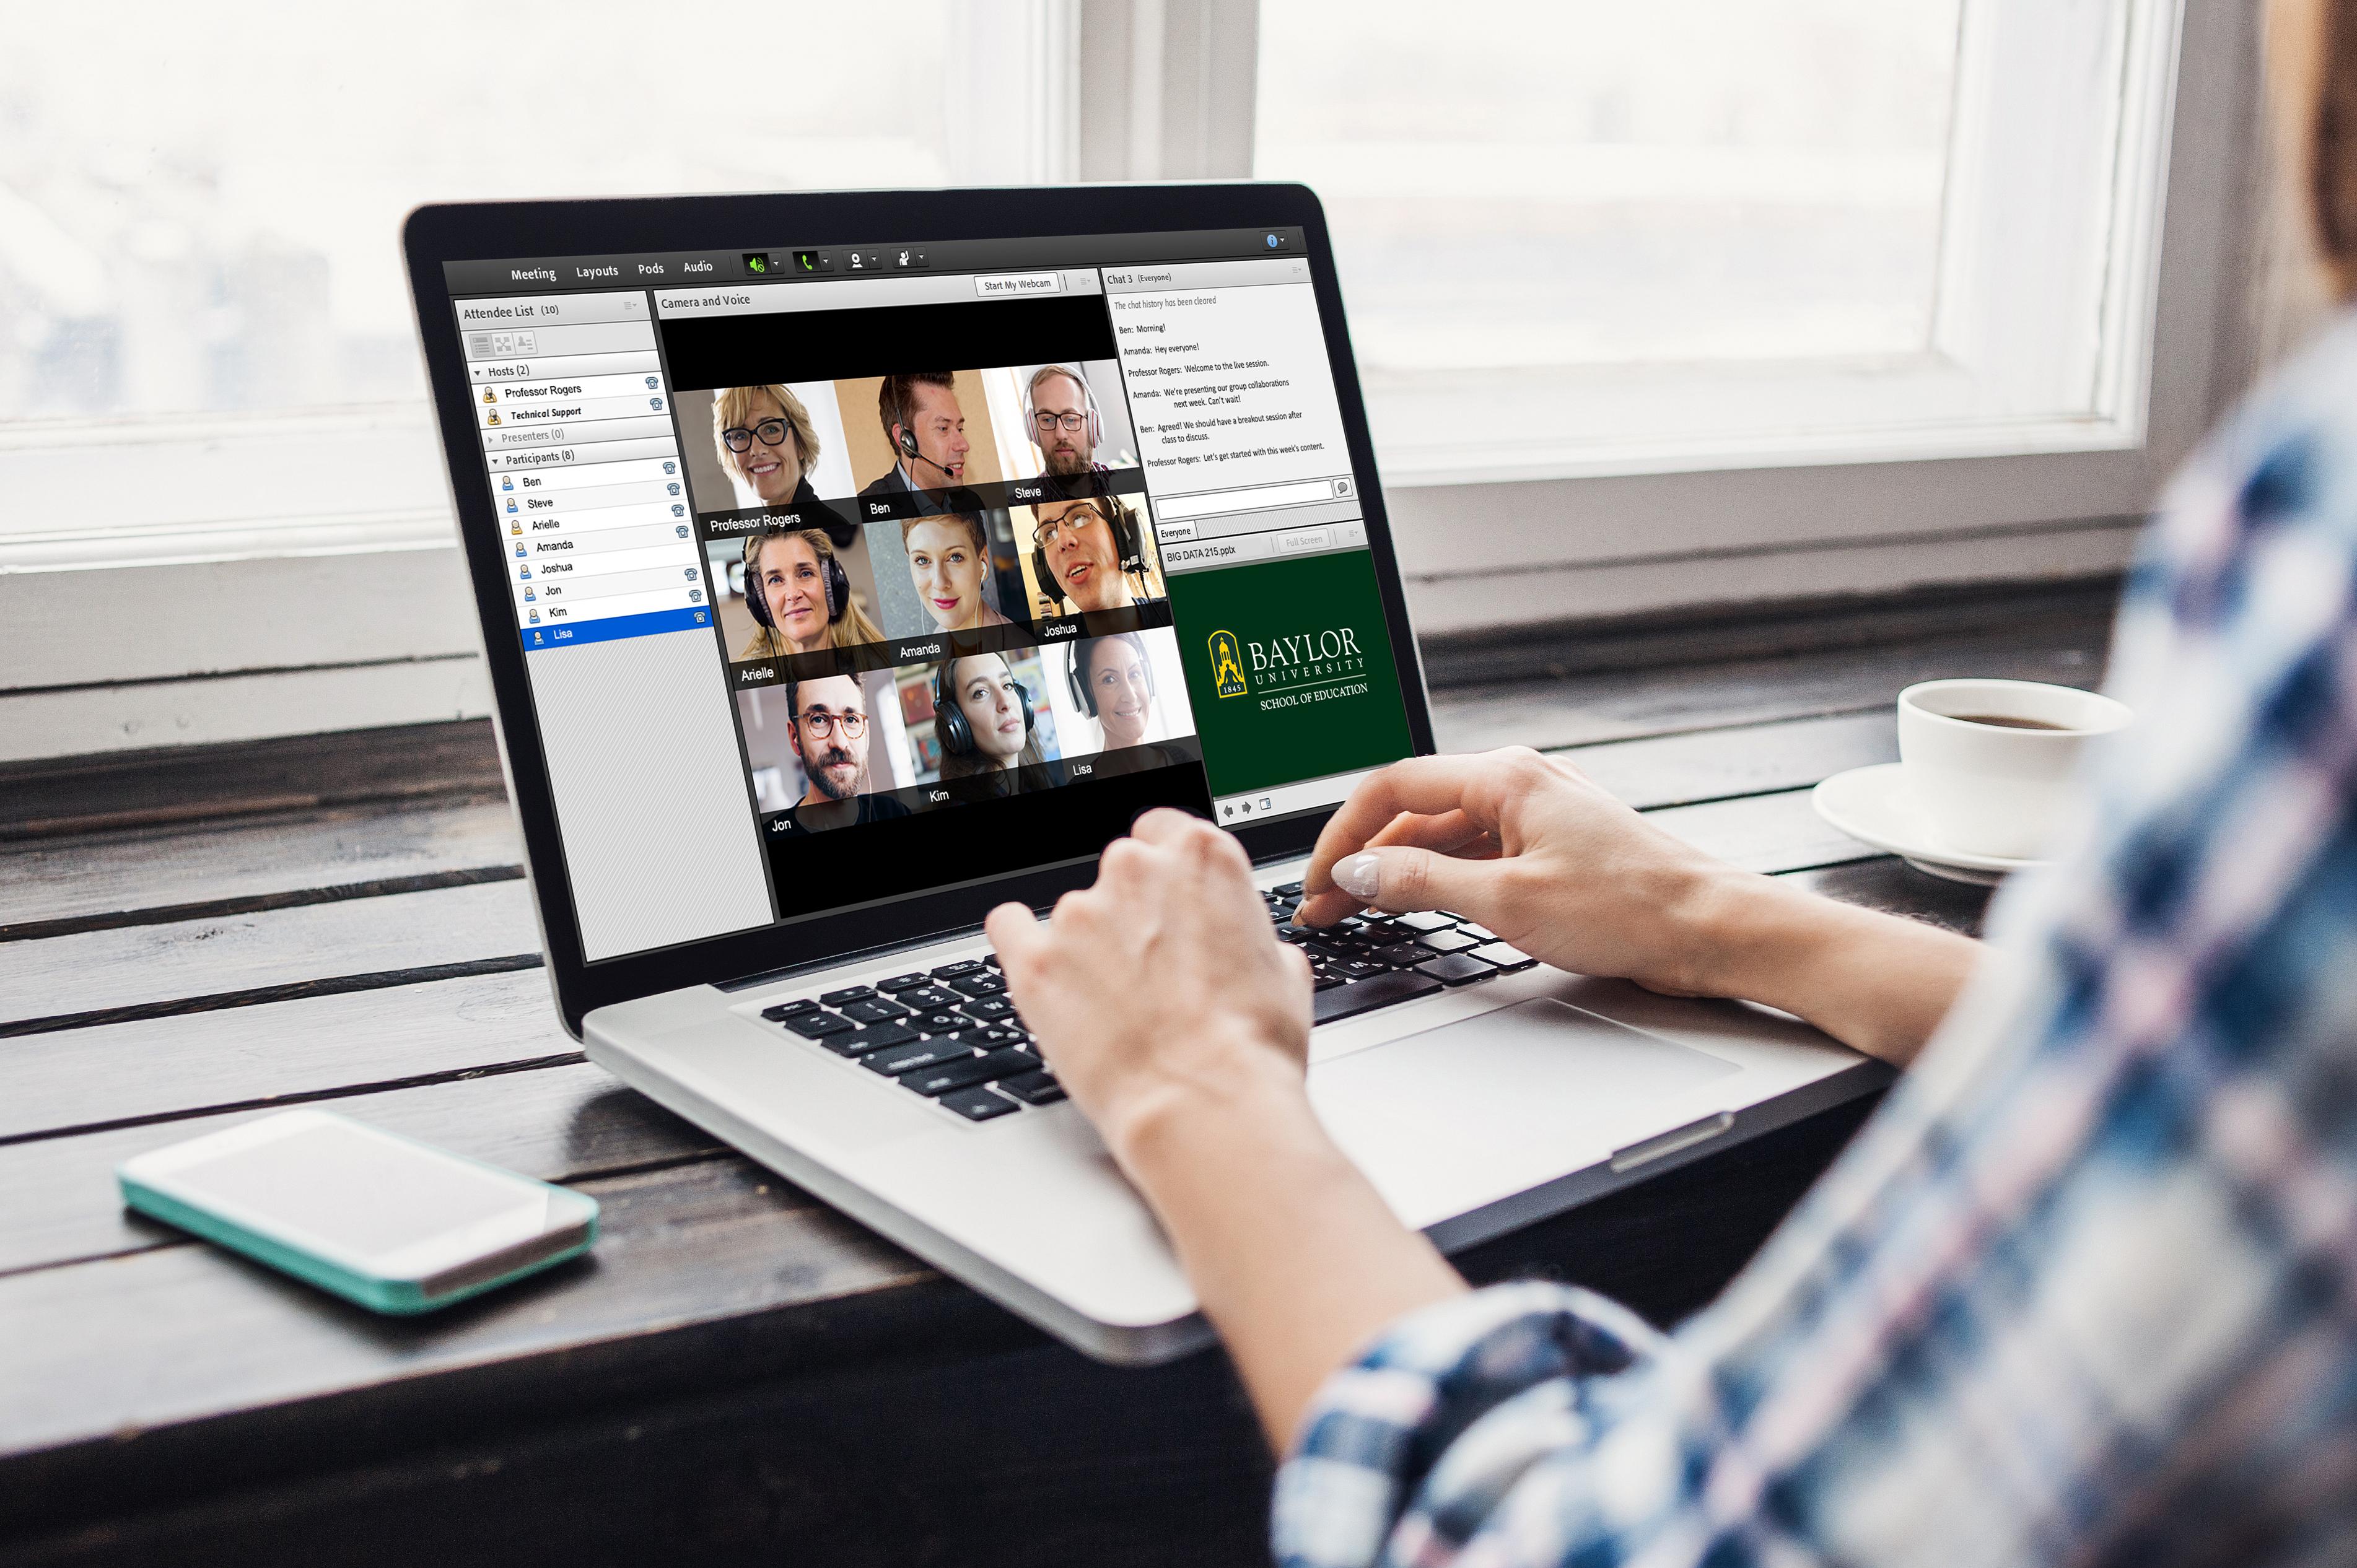 Baylor-2U agreement online